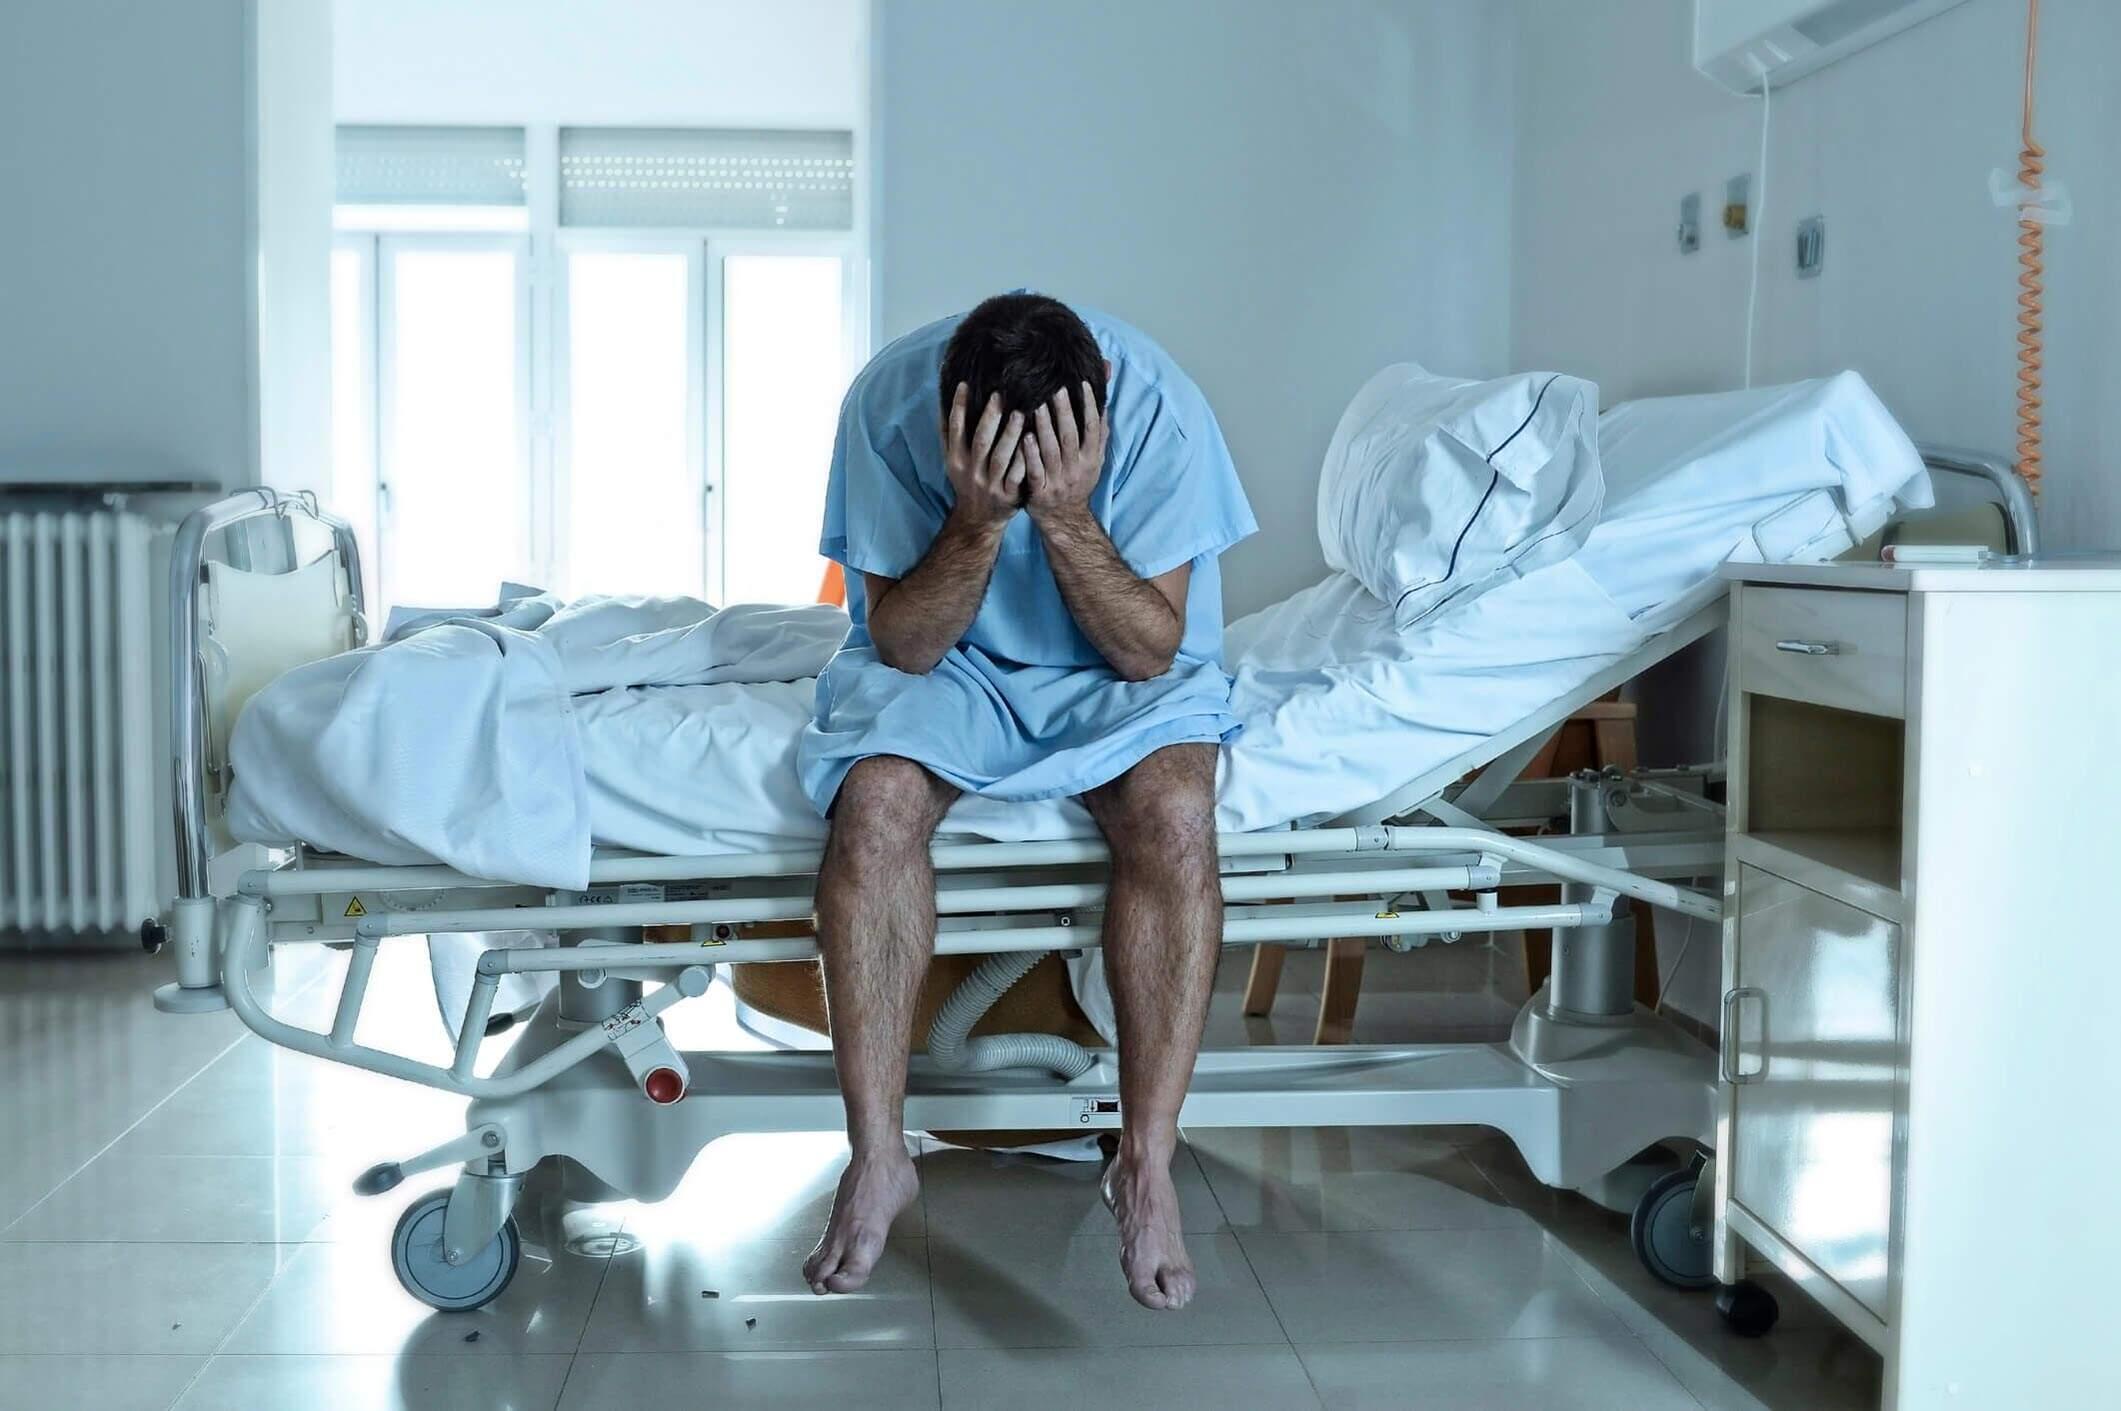 Depressão refratária: como um hospital é a solução quando o tratamento não funciona?